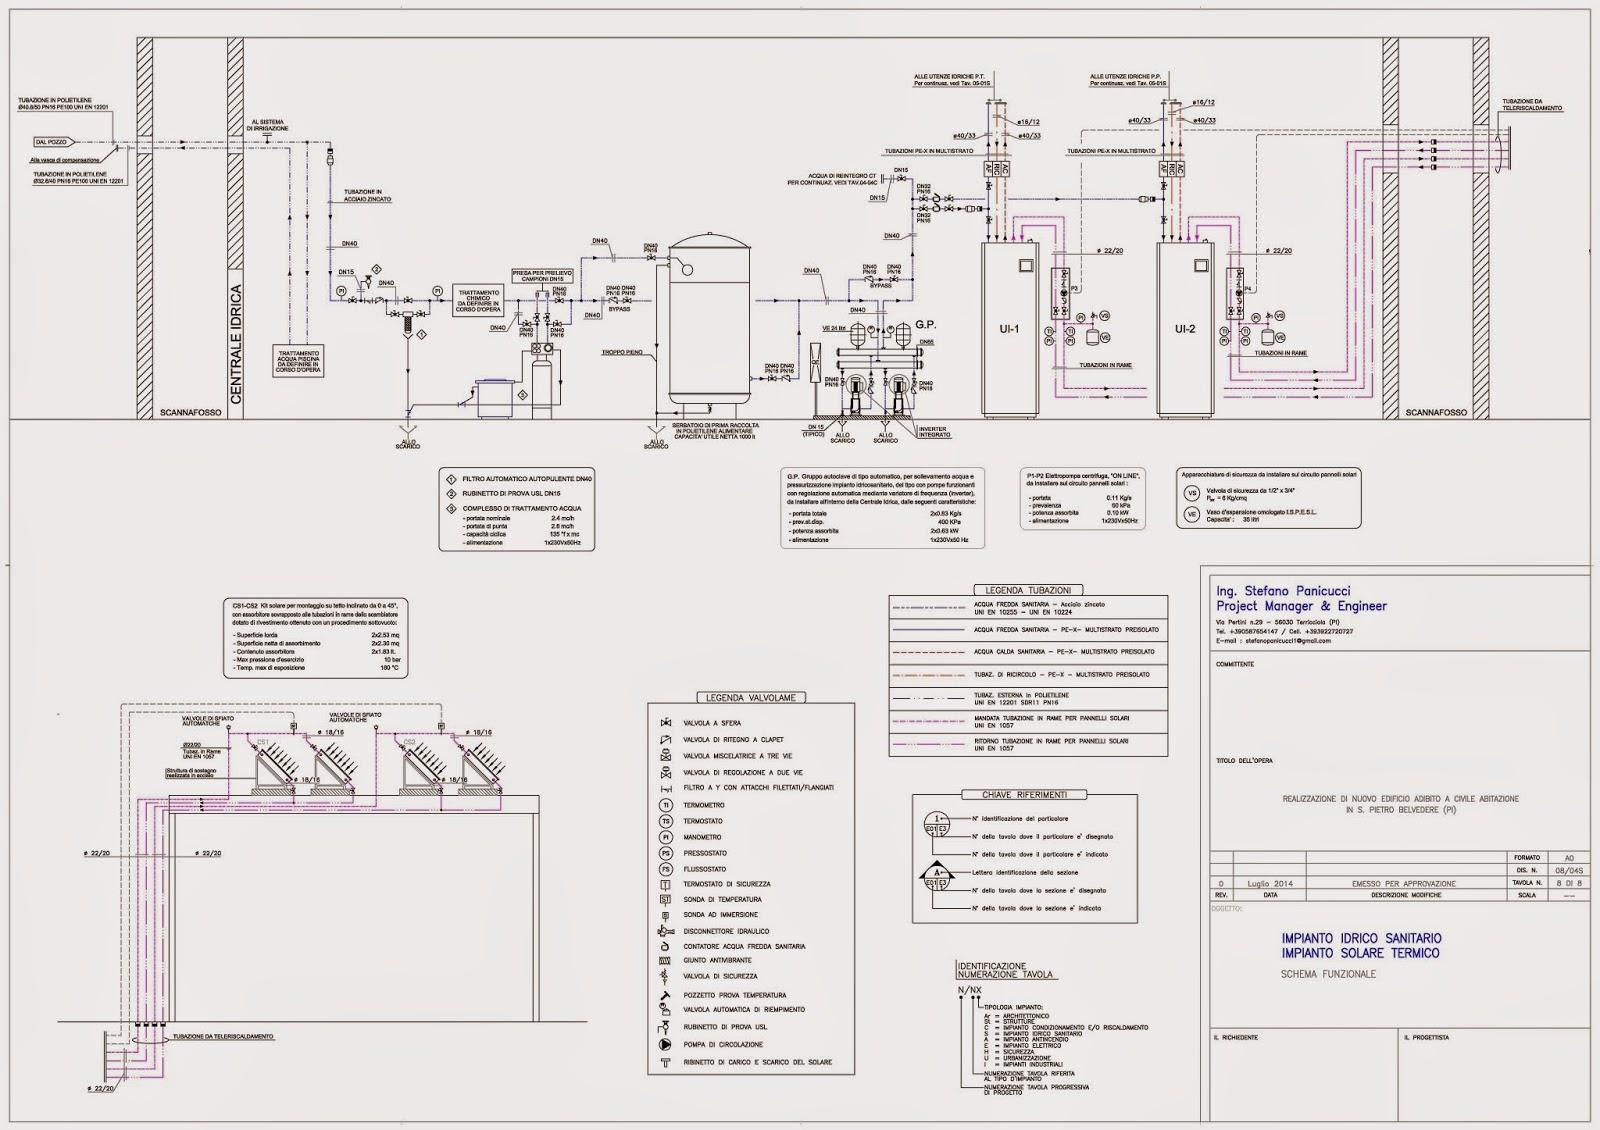 Schema Elettrico Funzionale : V studio engineering vetrina professionisti